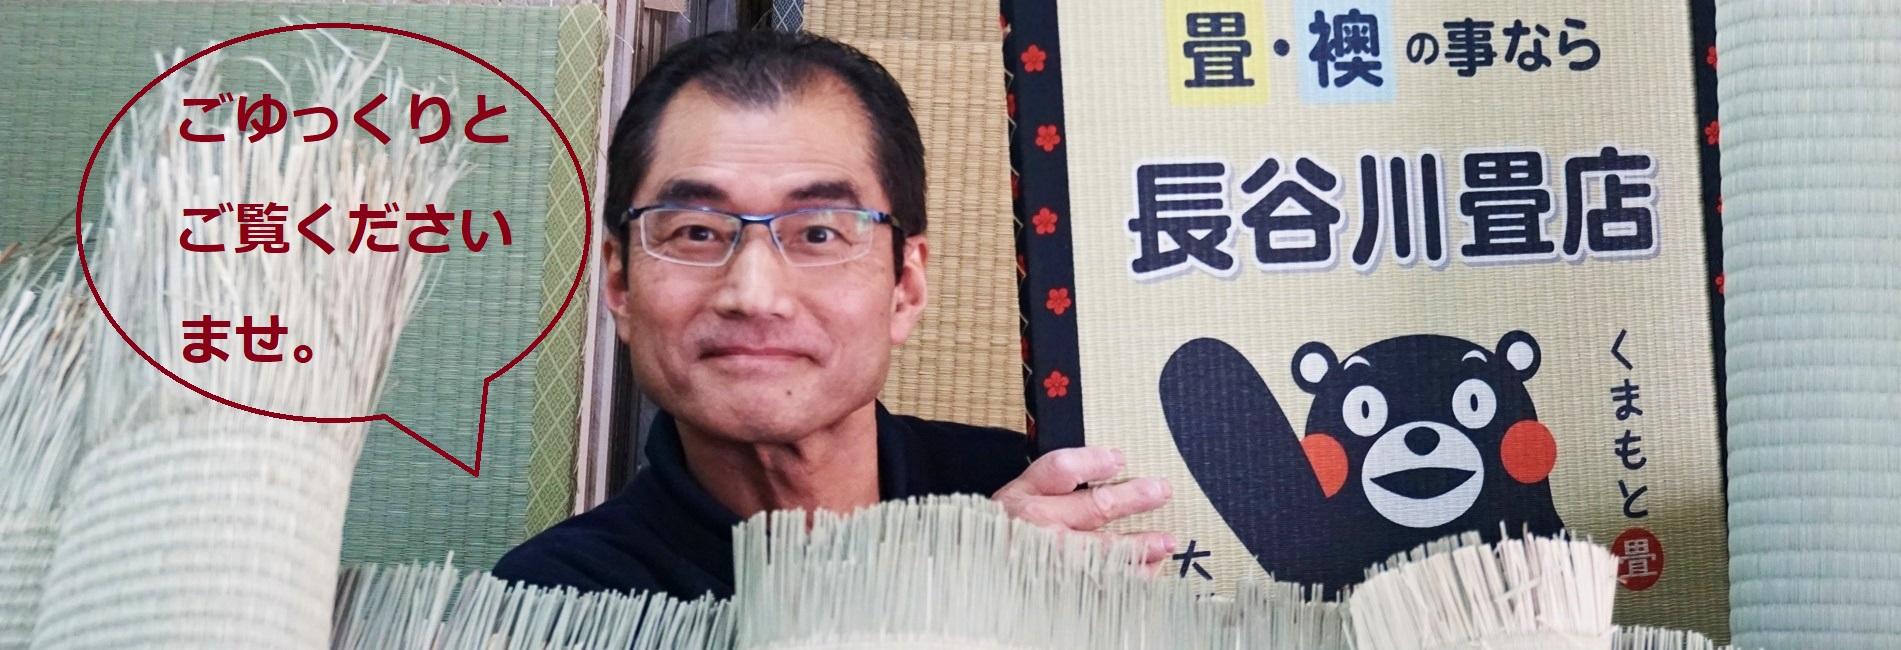 長谷川畳店のホームページのアピール